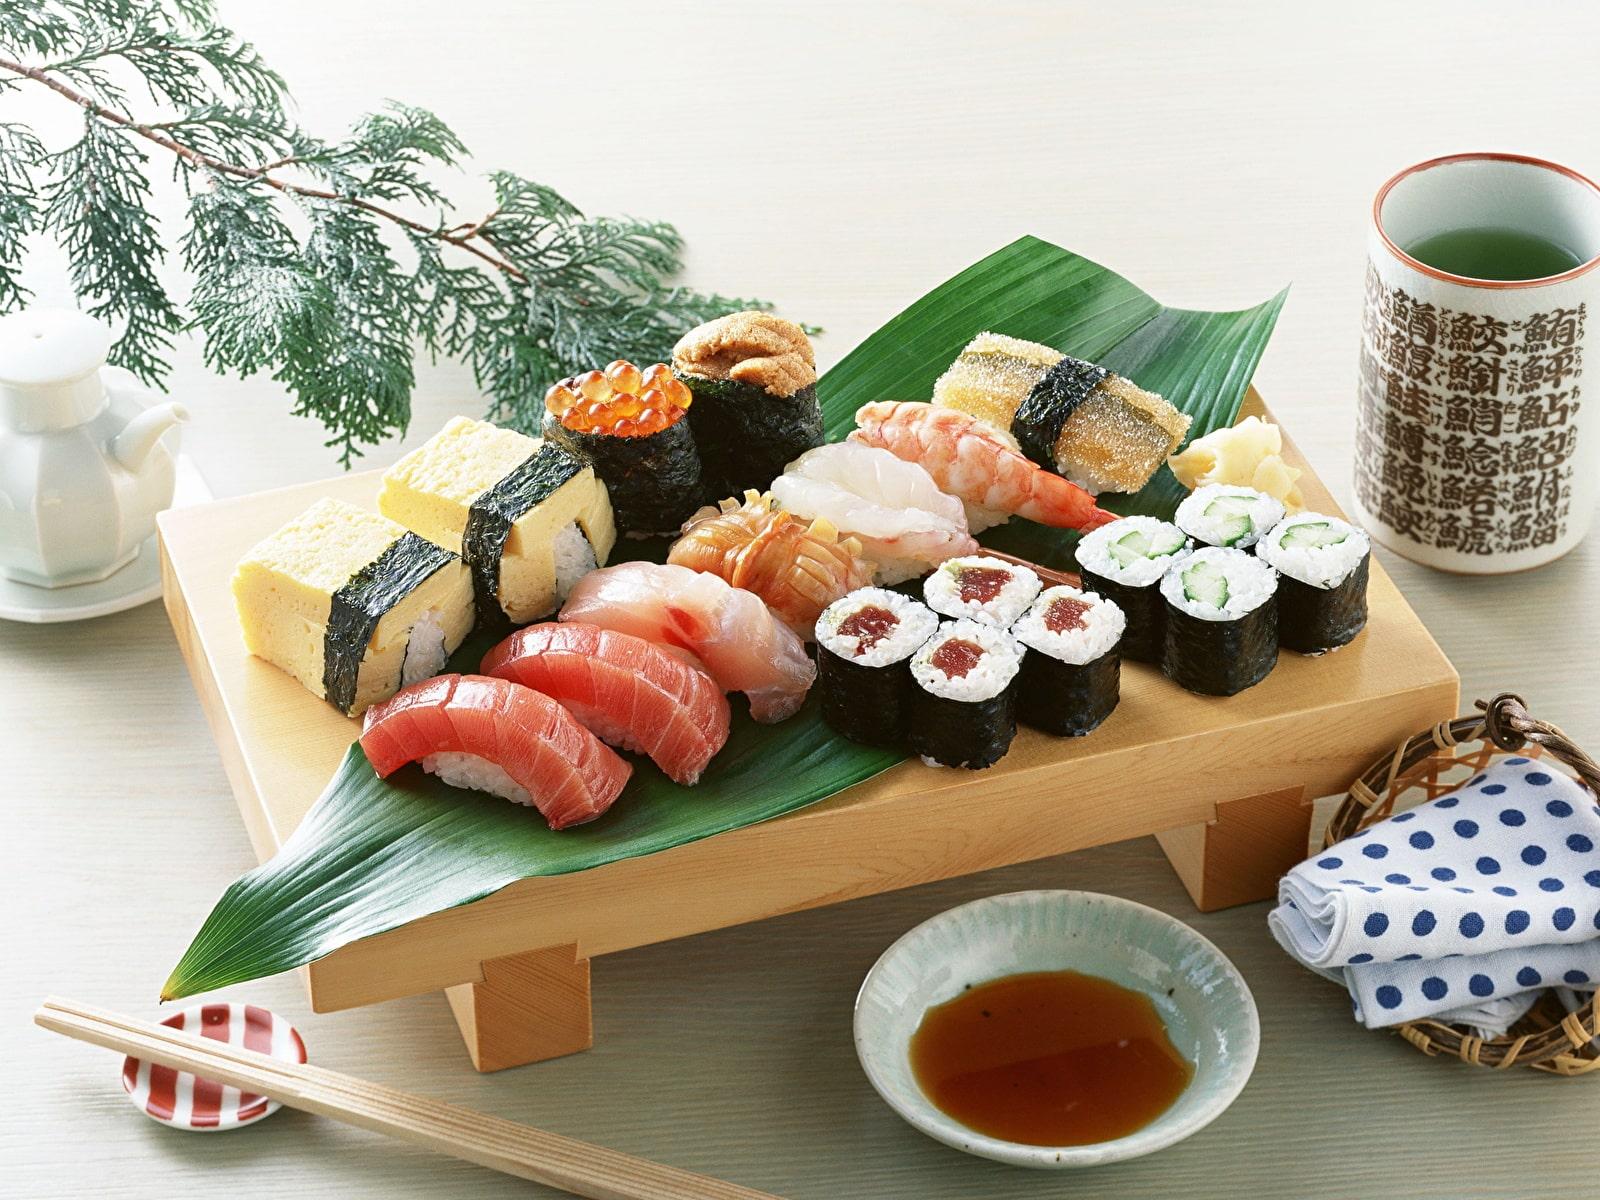 Du Học Nhật Bản Ngành Đầu Bếp: Cơ Hội Trải Nghiệm Nghệ Thuật Ẩm Thực Tinh Tế Tại Xứ Sở Hoa Anh Đào